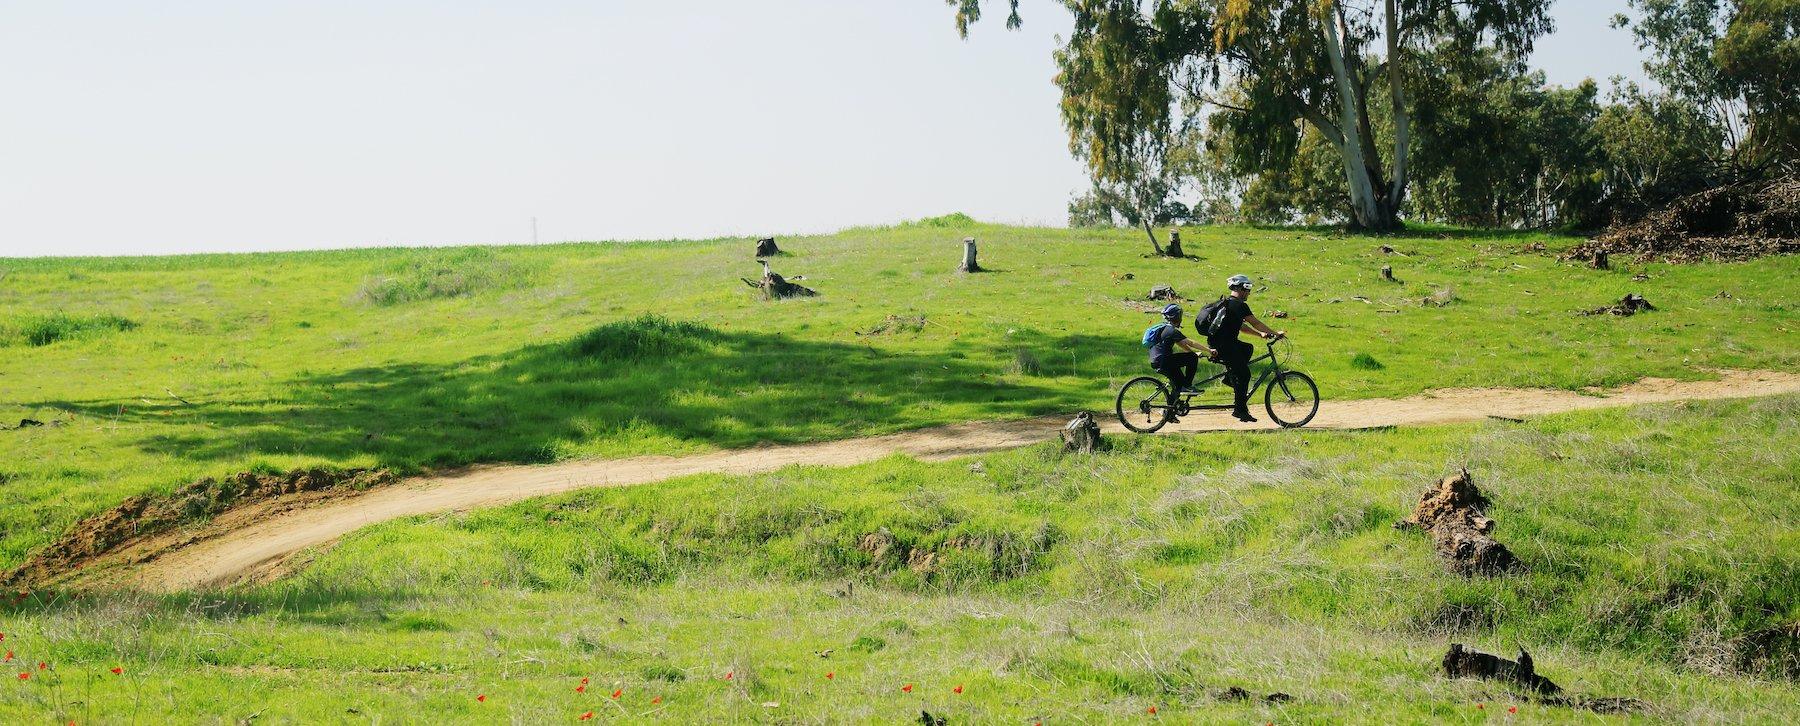 Bike Tours In Israel.